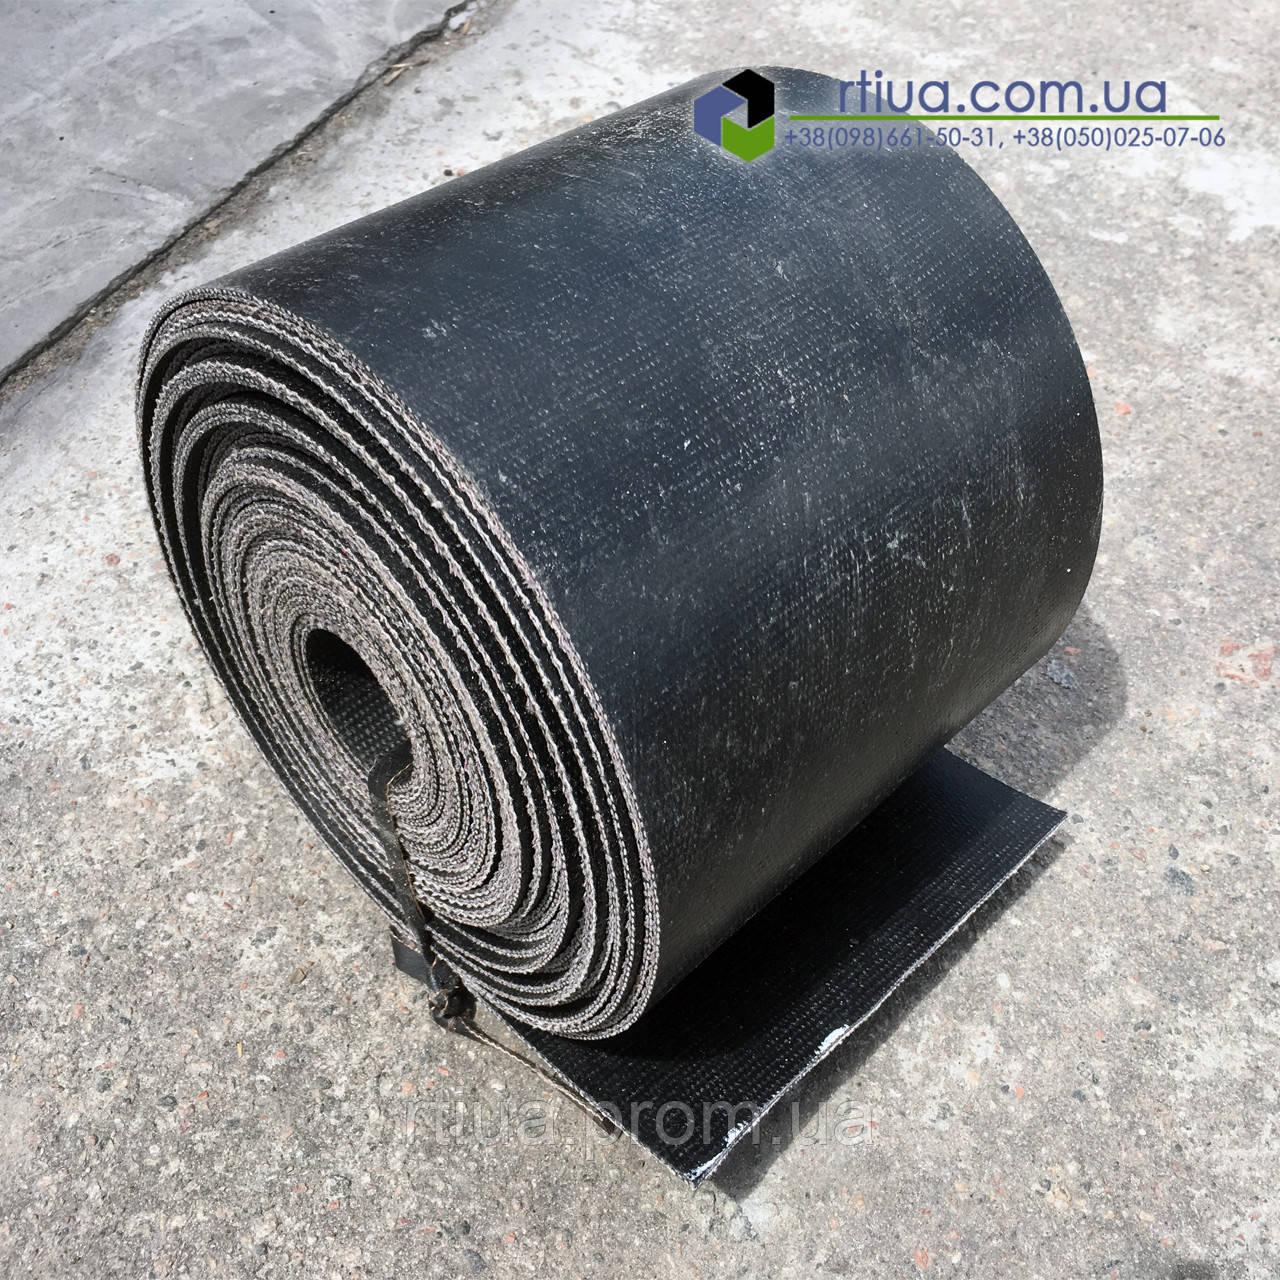 Транспортерная лента БКНЛ, 200х5 мм